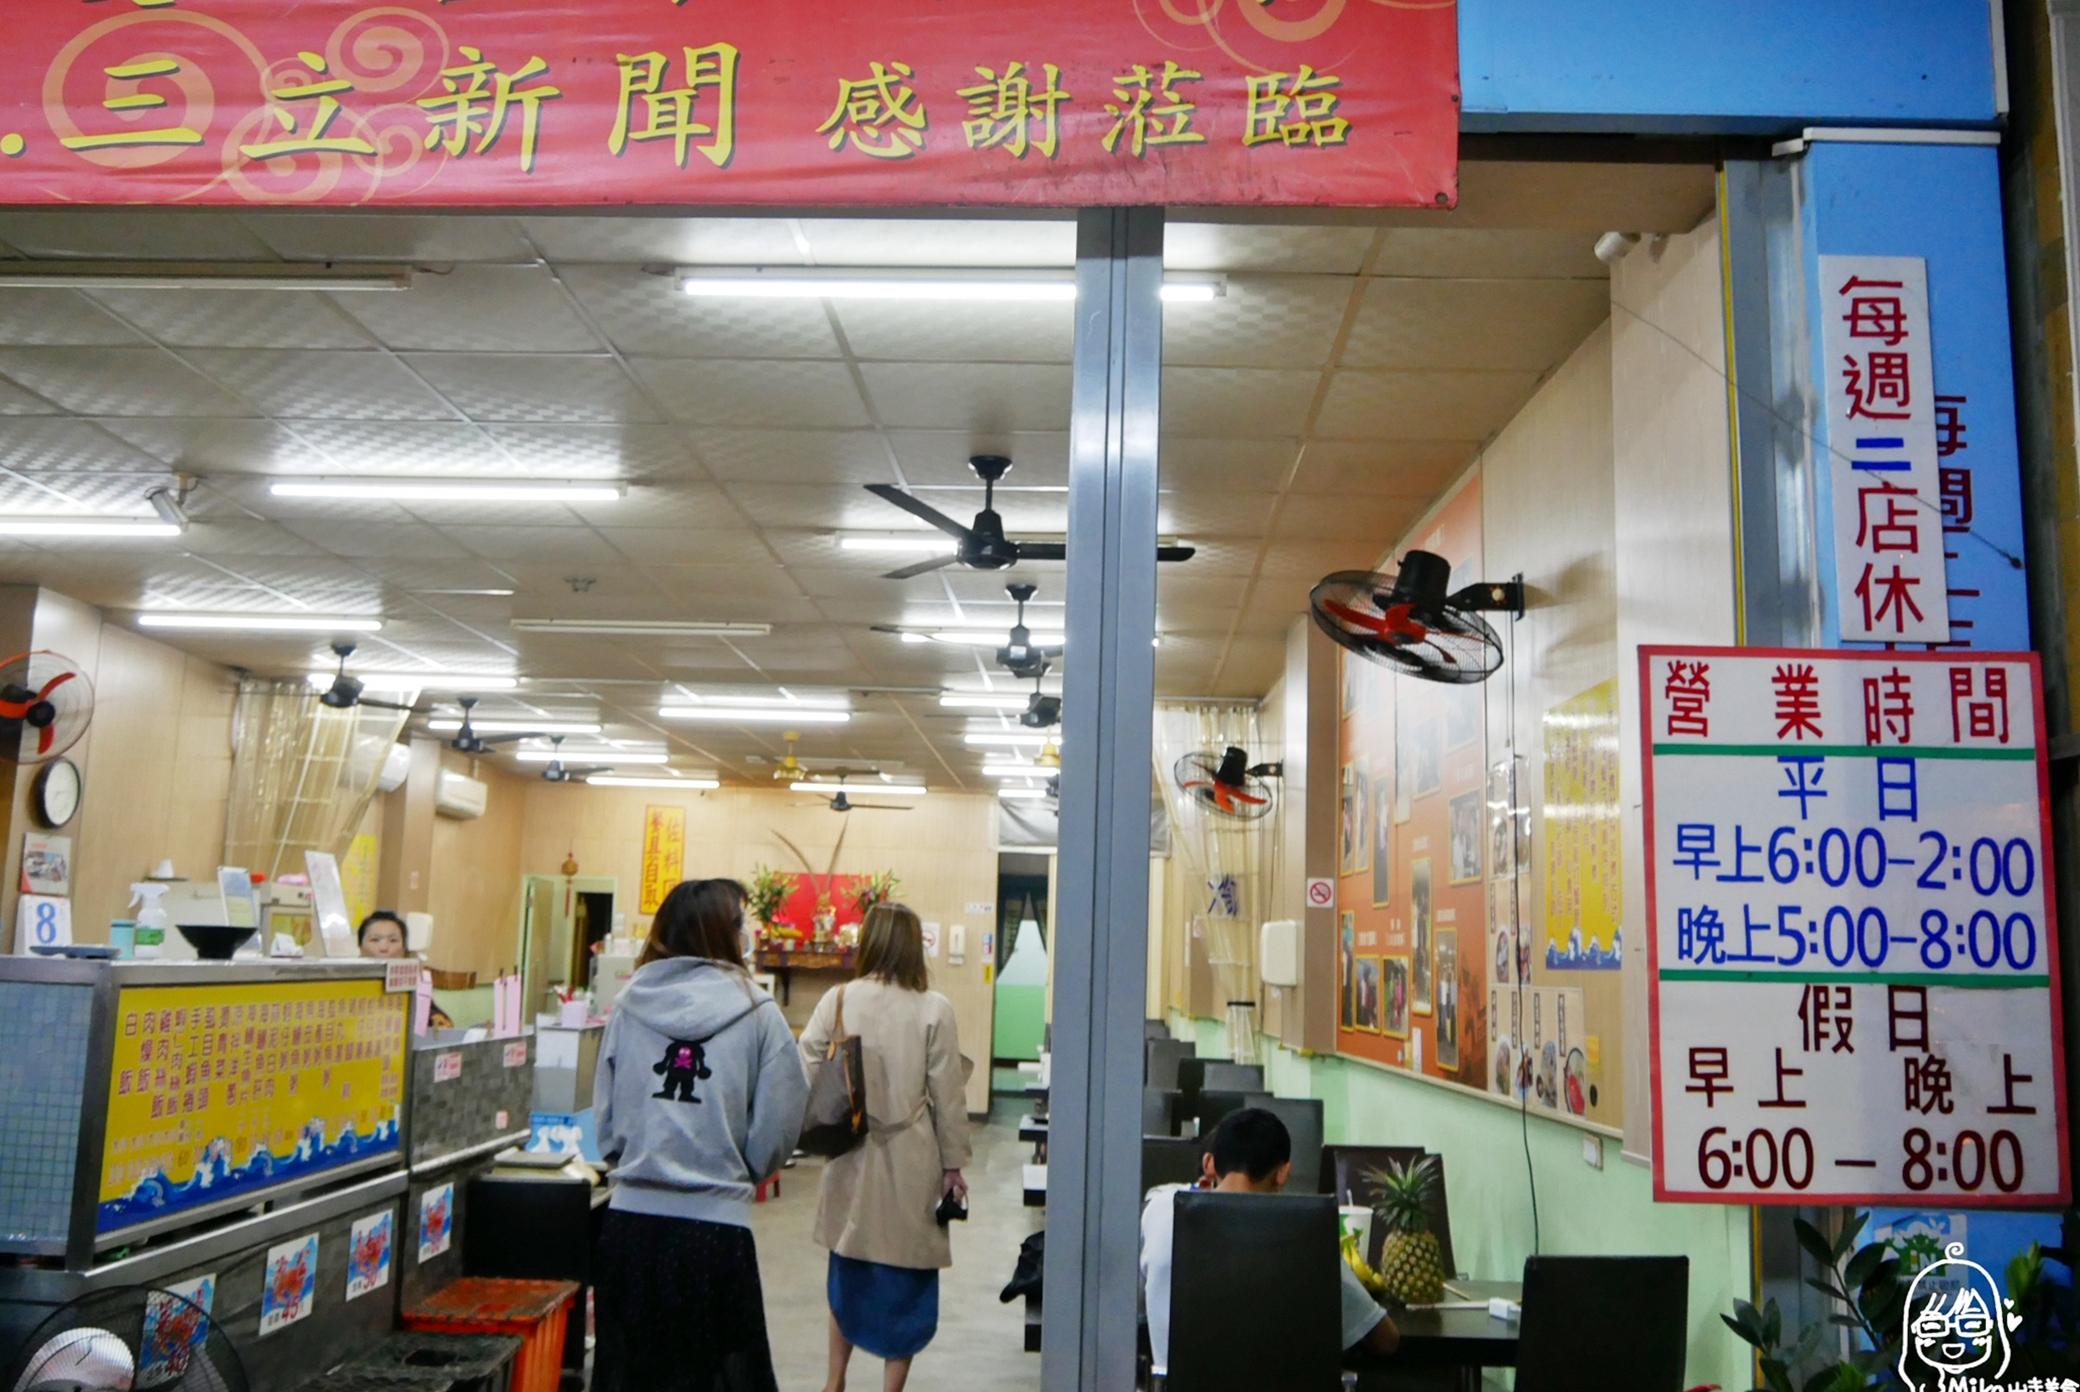 『台南。安平』 阿美螃蟹粥|鮮味飽滿 誠意十足 每日限量95元一碗。